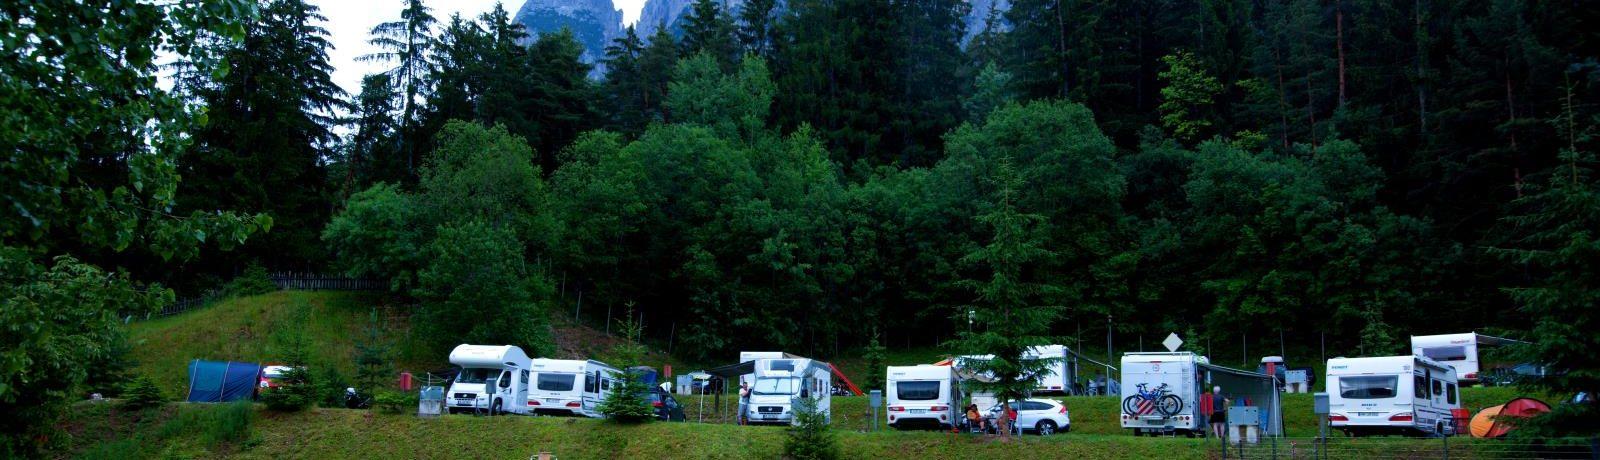 Camping Seiser Alm in Zuid-Tirol is een charme camping in met zwembad in de Dolomieten in de regio Trentino-Zuid Tirol.